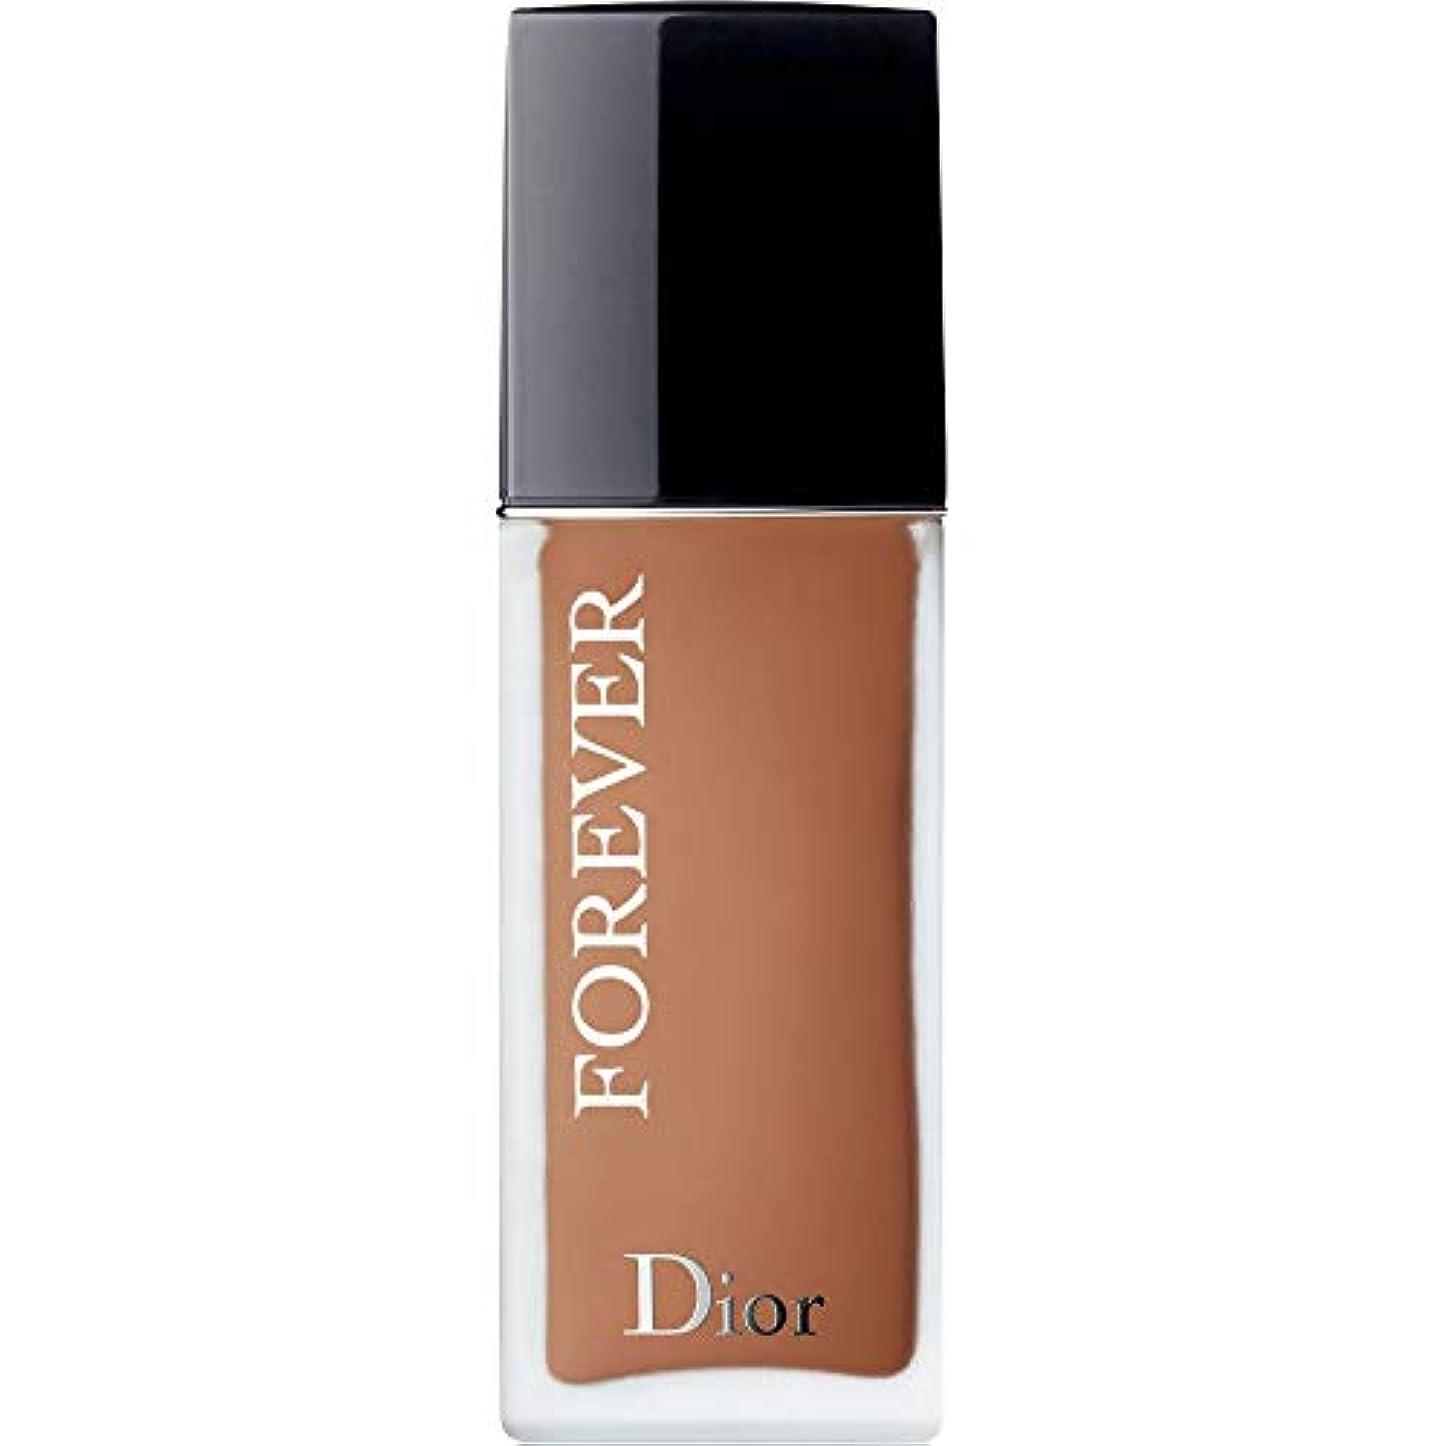 バンジージャンプ噴水こだわり[Dior ] ディオール永遠皮膚思いやりの基盤Spf35 30ミリリットルの5N - ニュートラル(つや消し) - DIOR Forever Skin-Caring Foundation SPF35 30ml 5N -...